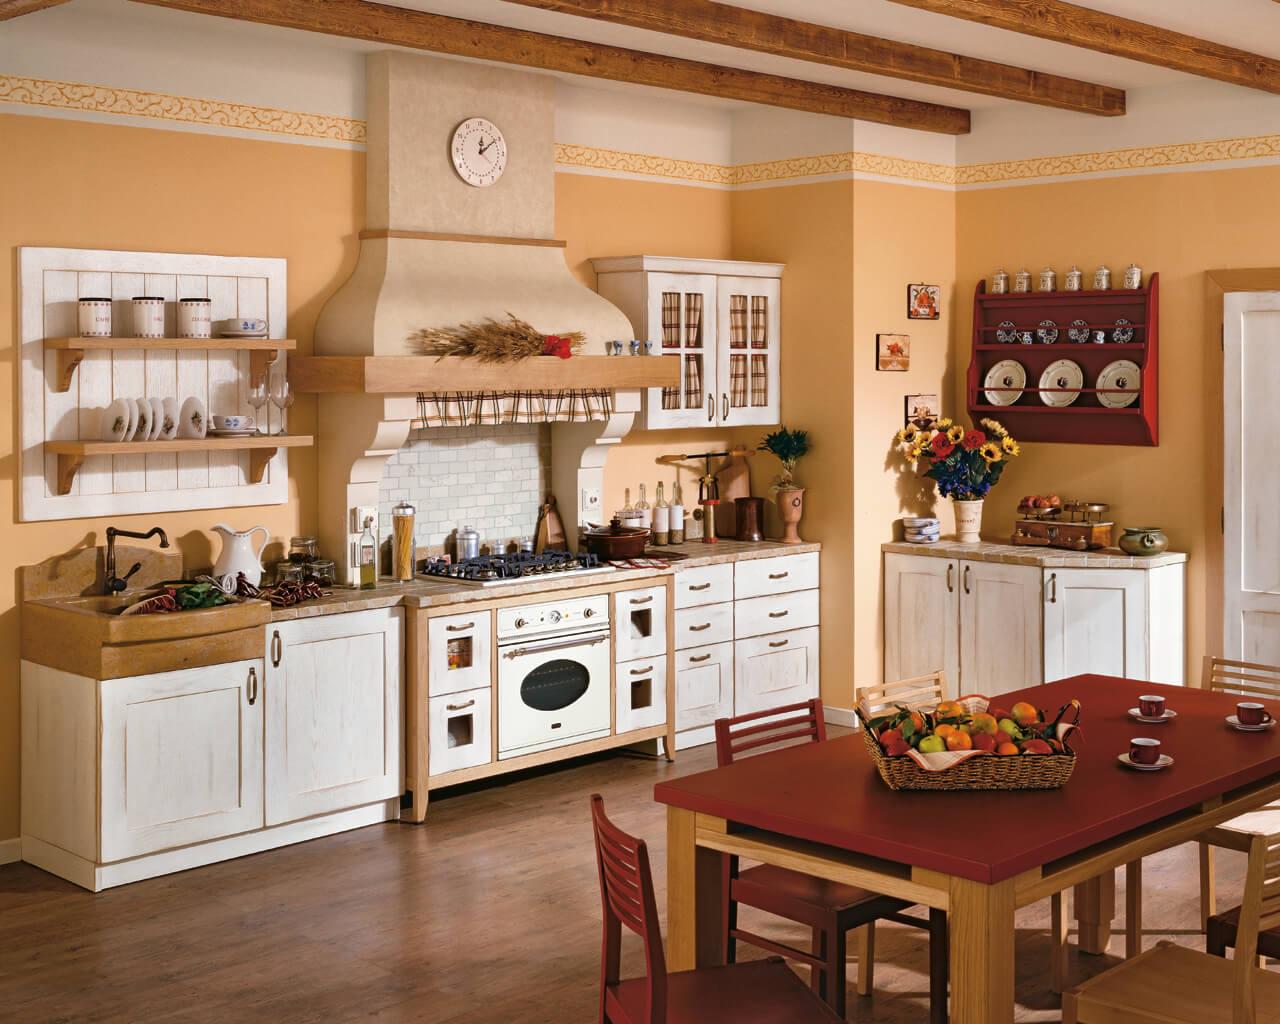 Verdiana kitchen